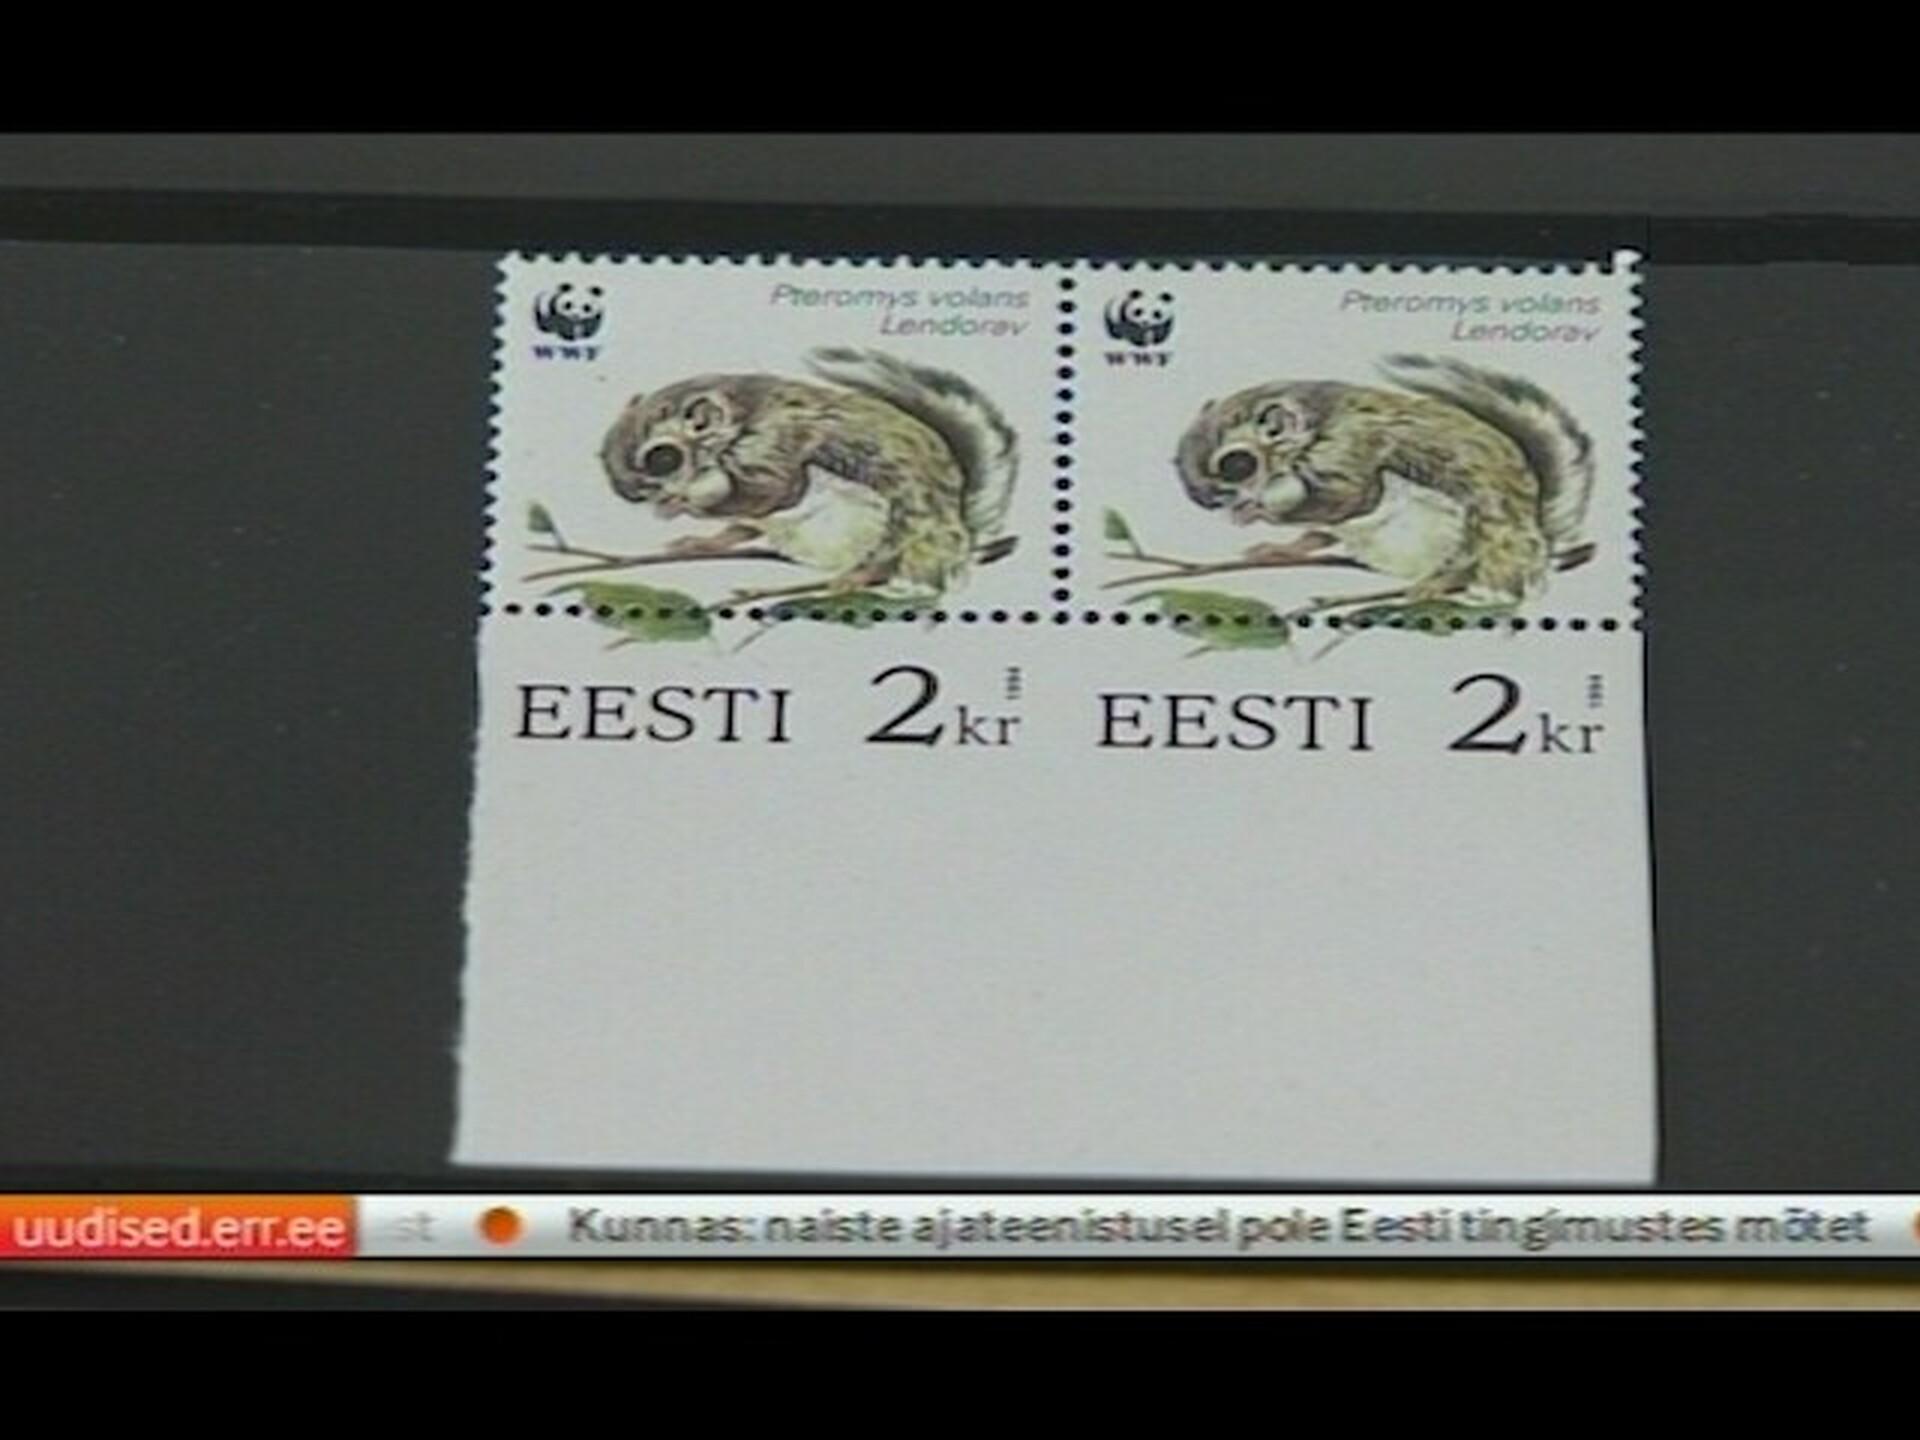 35afdc6db4d Eesti erilised ja trükivigadega postmargid jõudsid kataloogi | Arhiiv | ERR